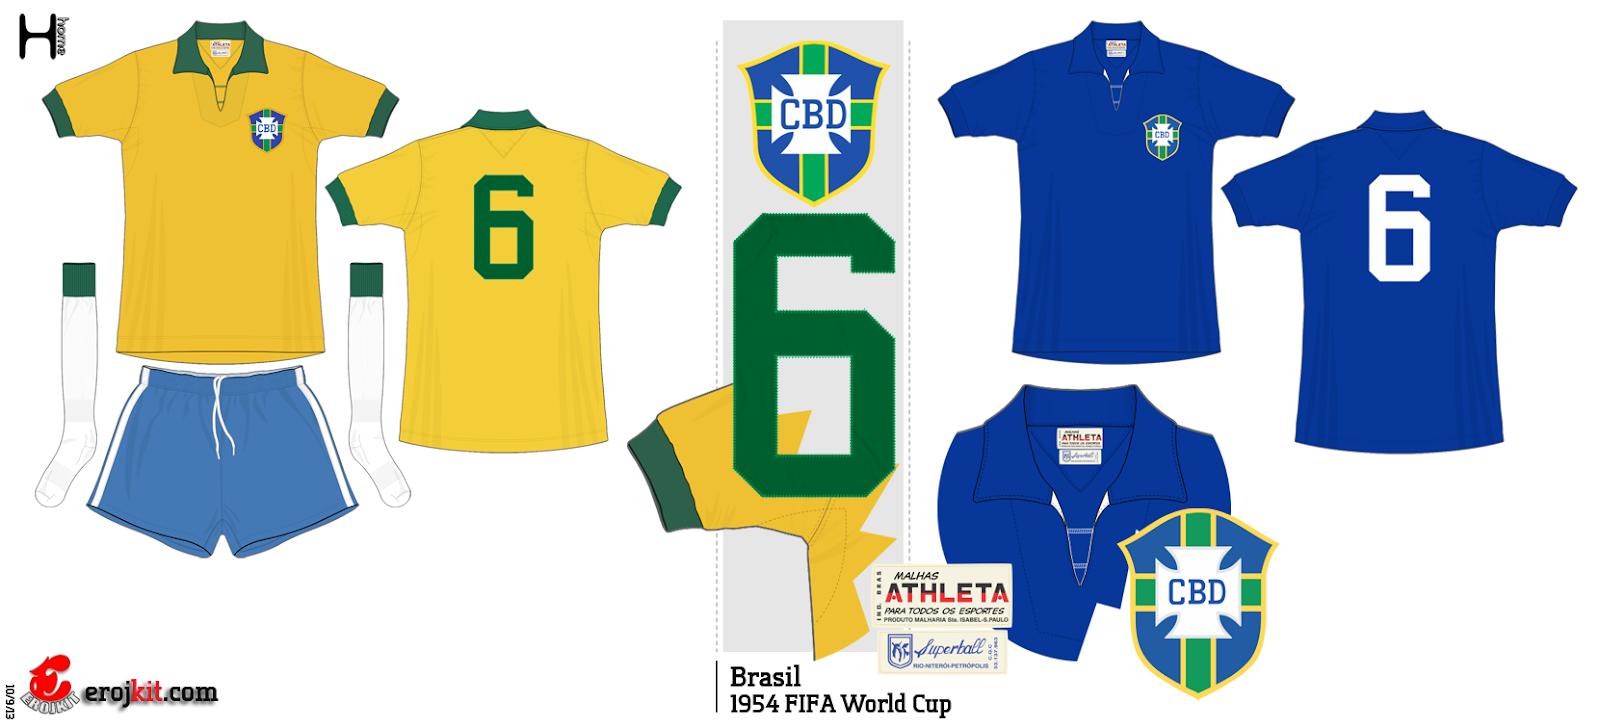 9238453f61 Essa seria a primeira Copa que a Seleção disputou com a camisa amarela.  Camisa essa feita pela Athleta.